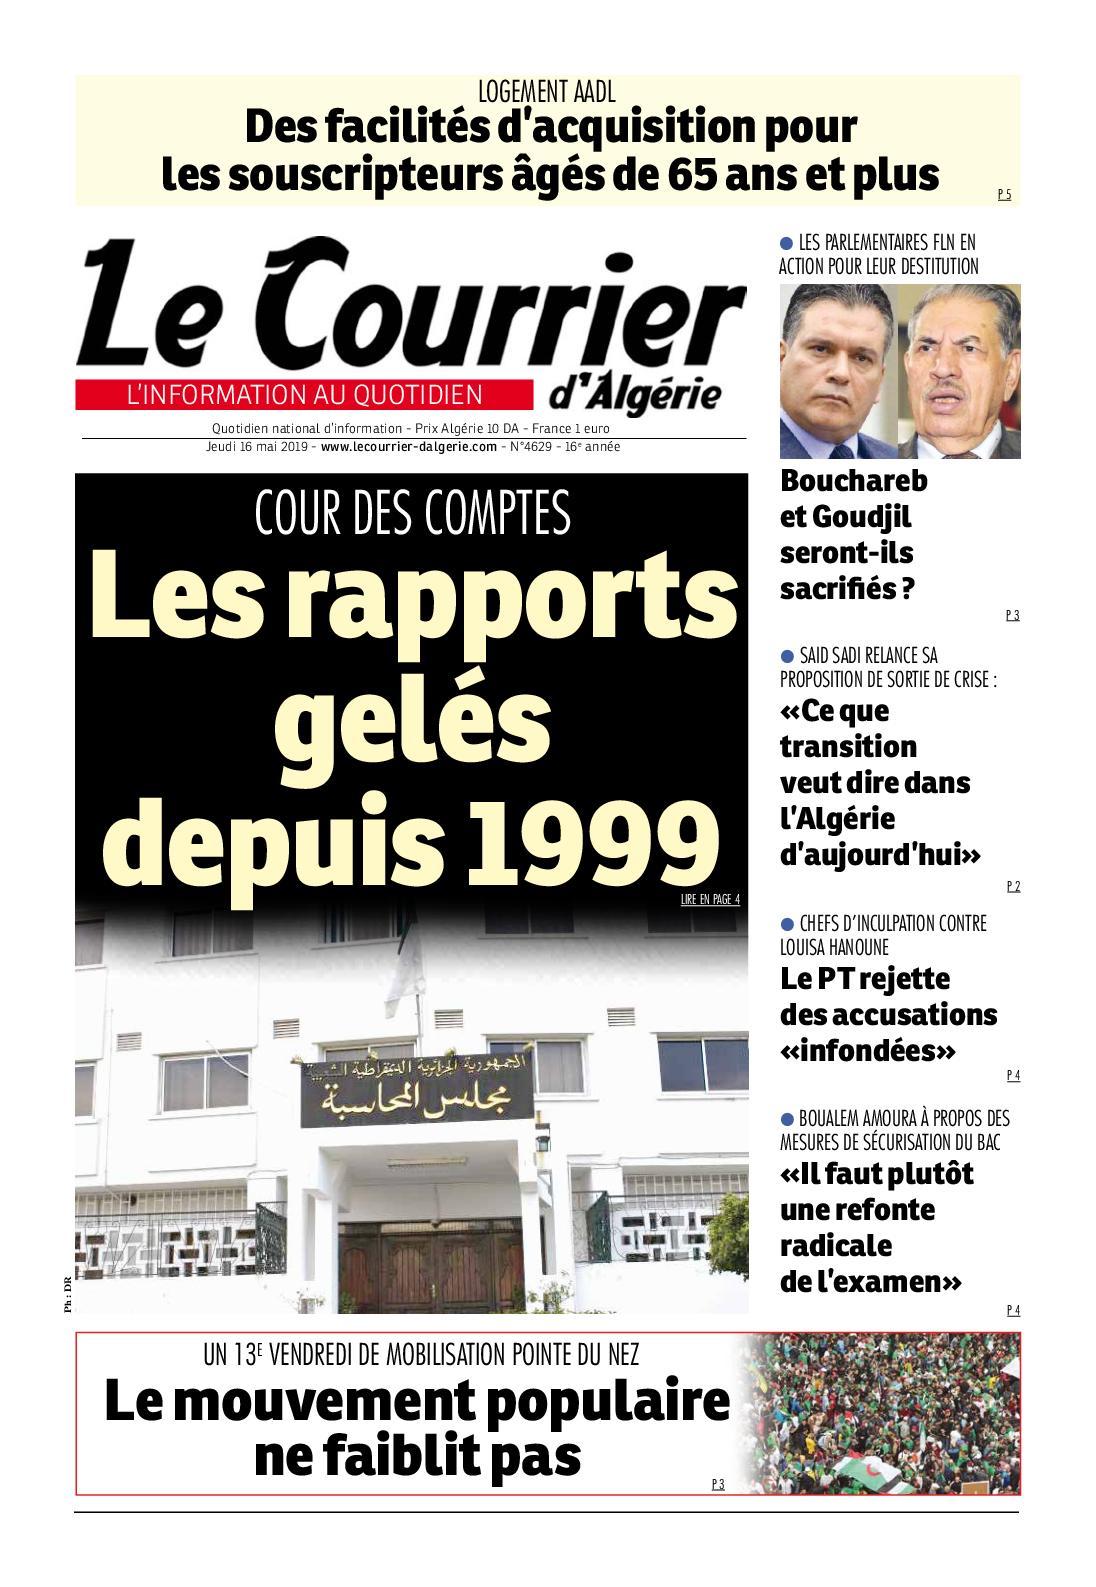 Le Courrier d'Algérie du jeudi 16 mai 2019